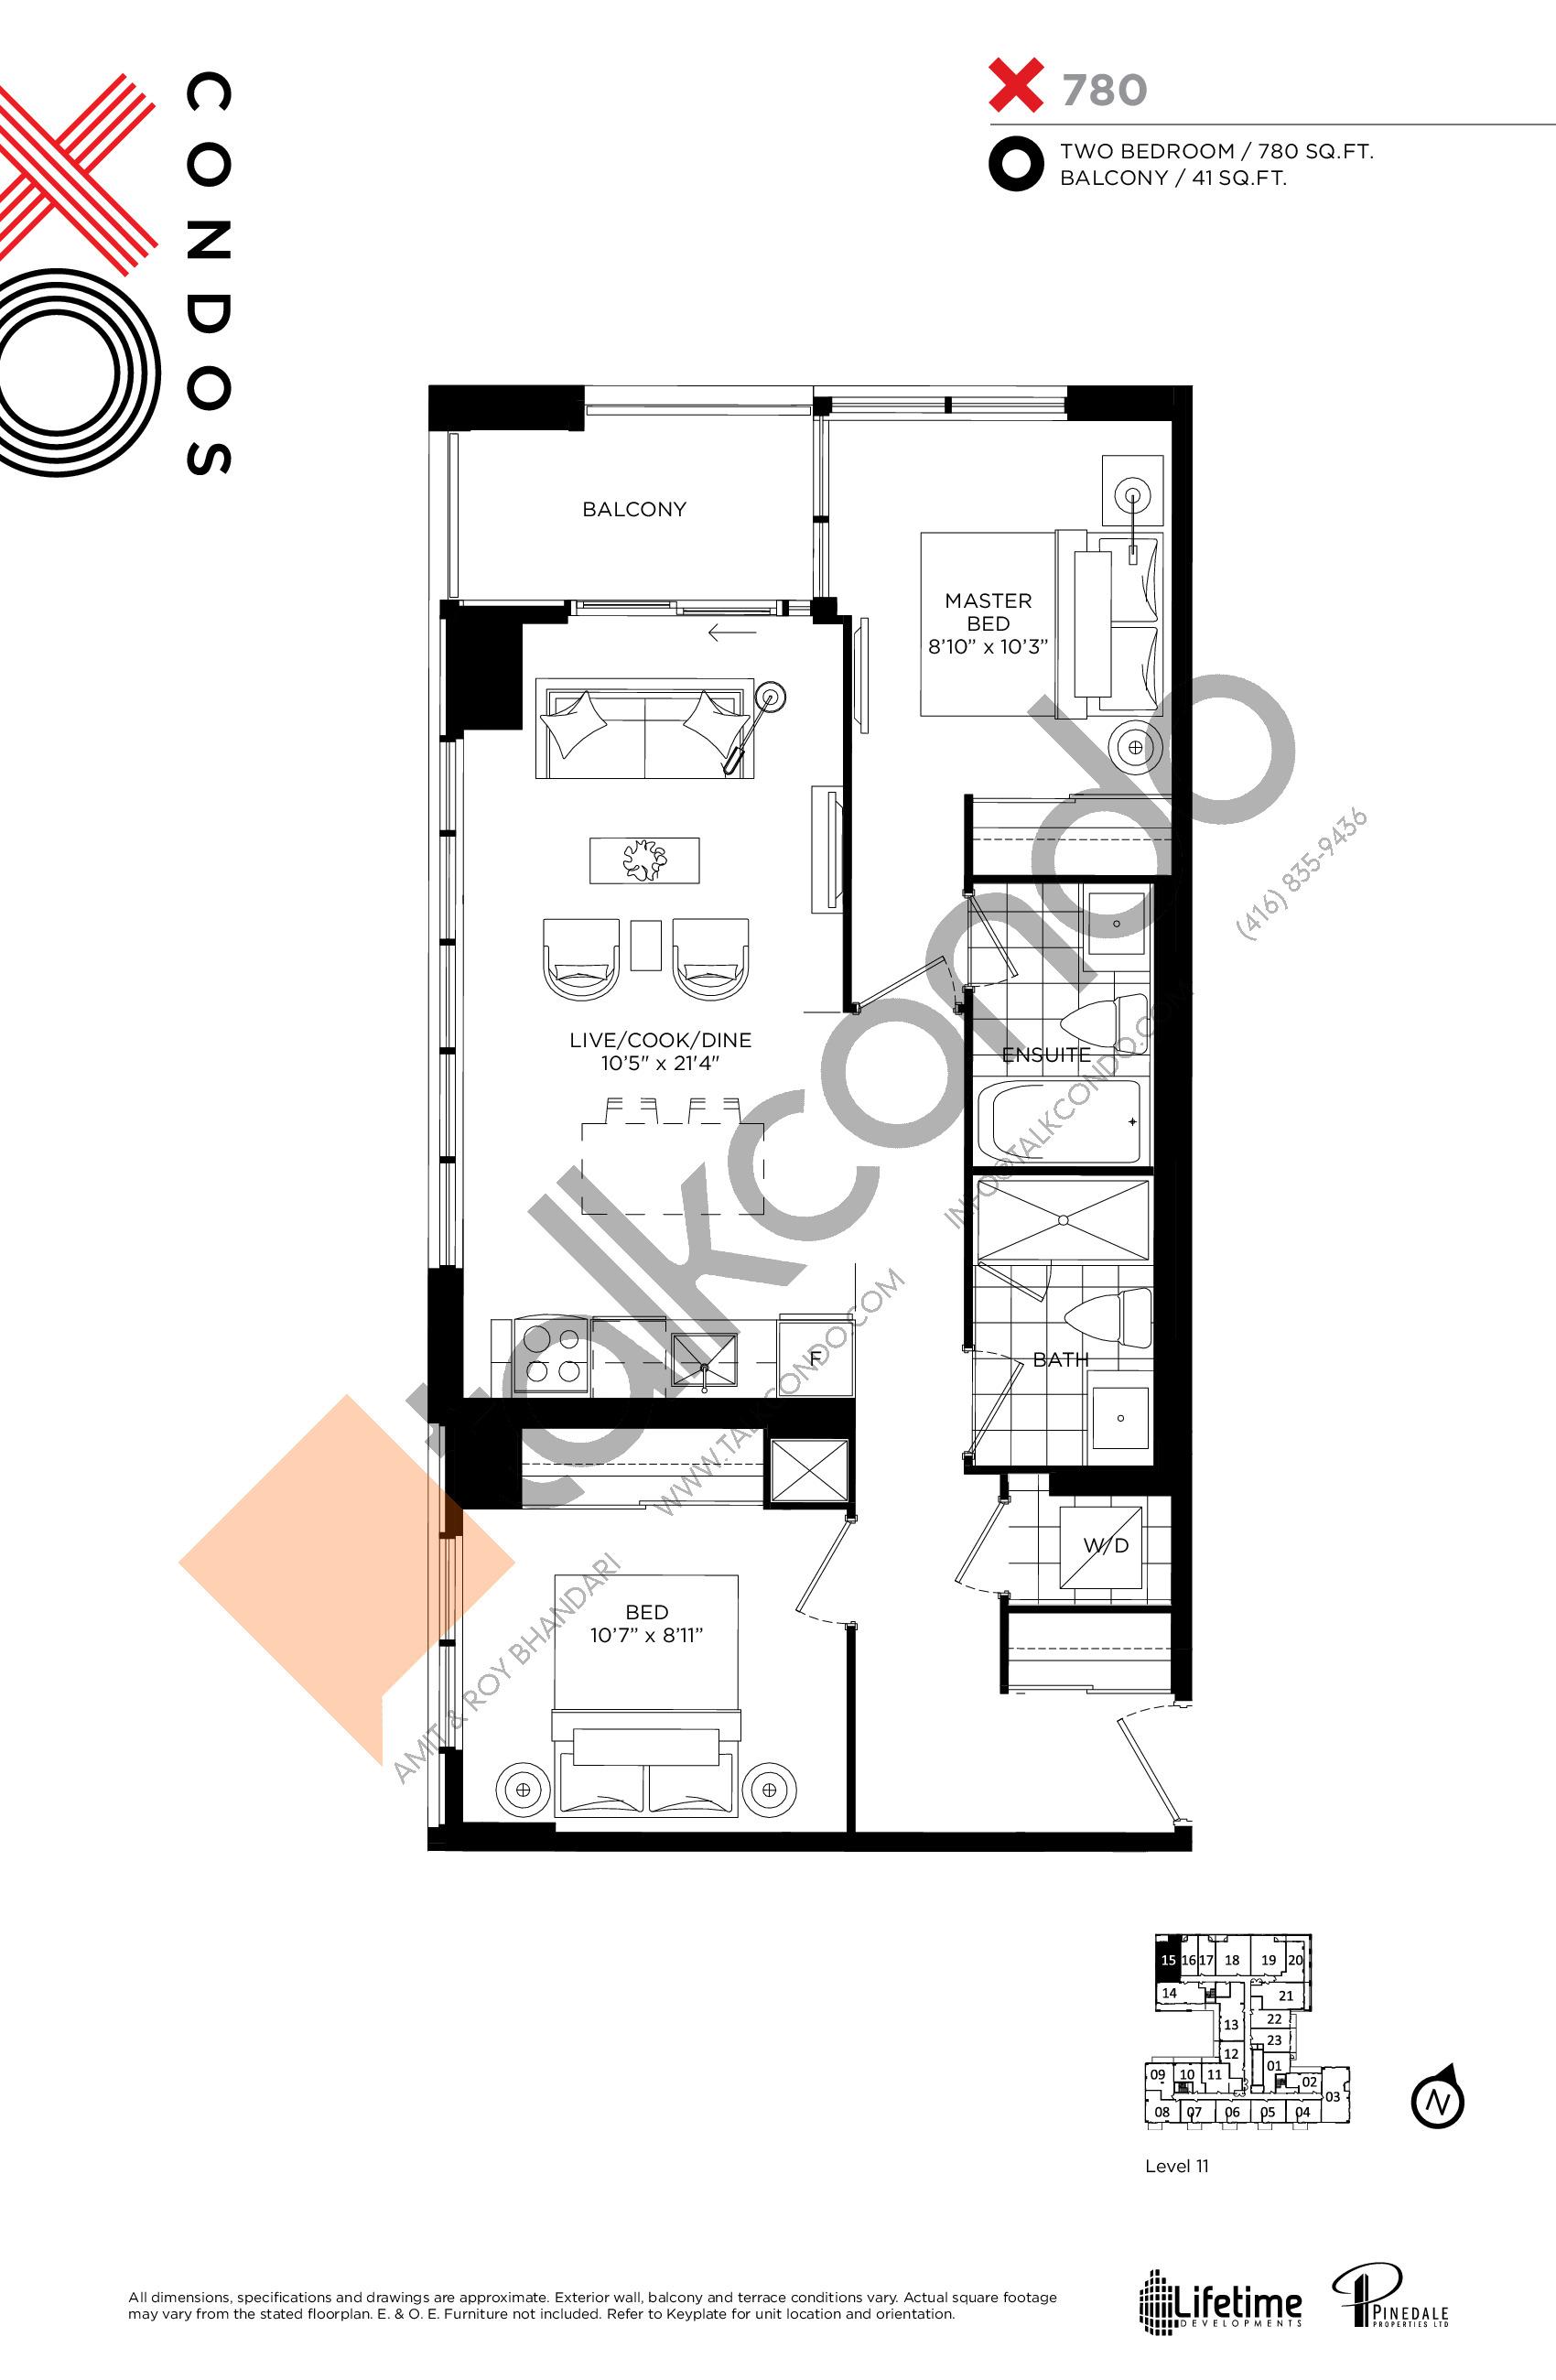 780 Floor Plan at XO Condos - 780 sq.ft